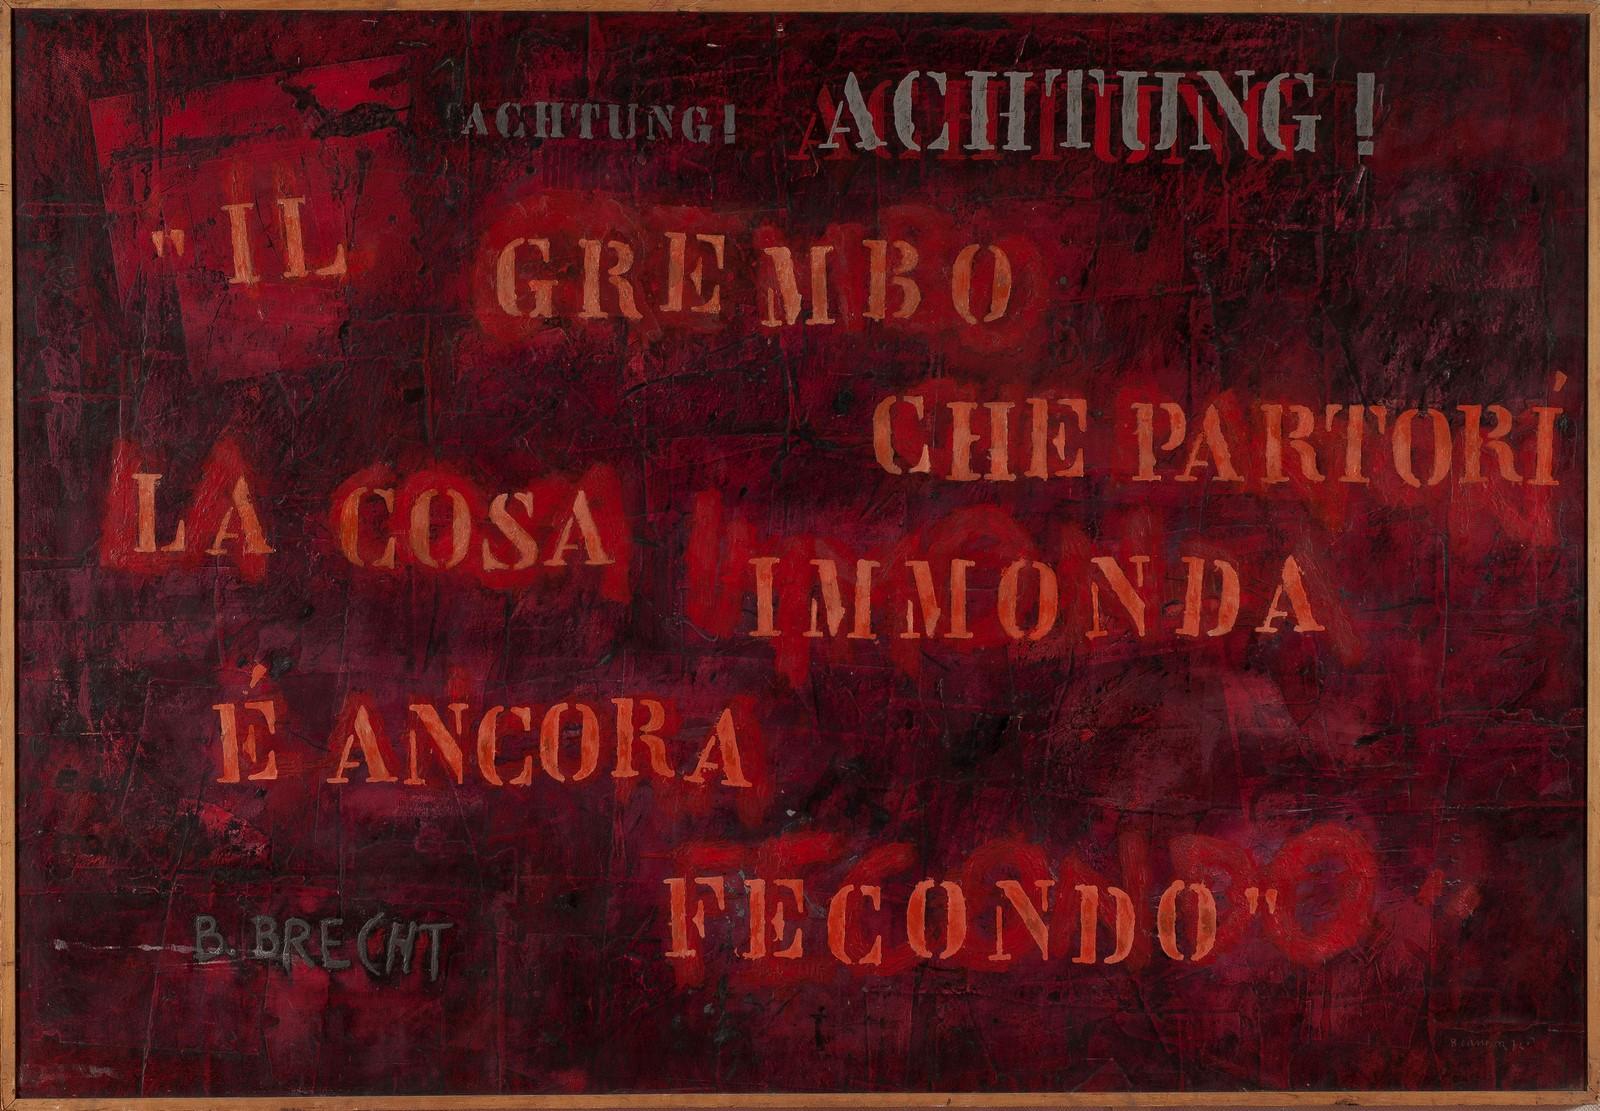 Bruno Canova, La cosa immonda, 1974, collage, acrilico e tecnica mista su tela, cm. 151 x 220.